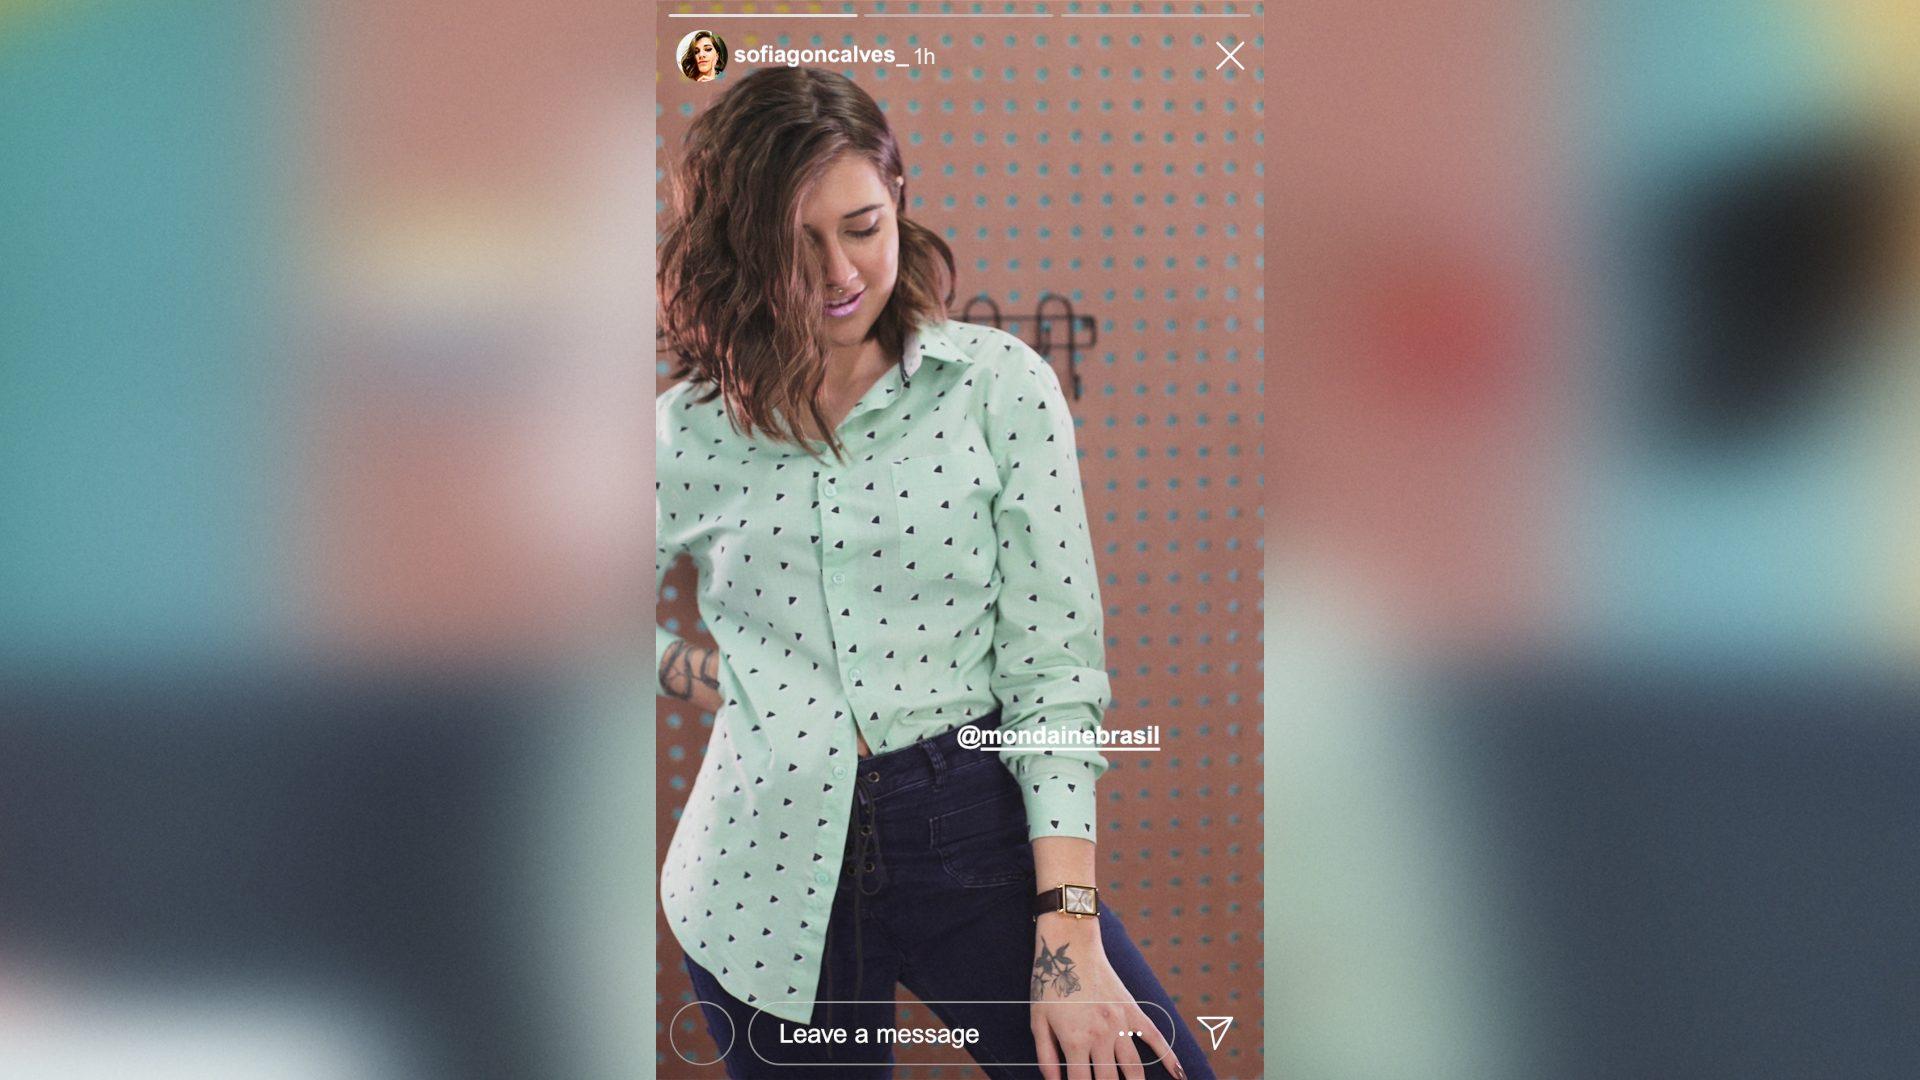 PRE EDIT MONDAINE CAMISA BOTAO V01 compressed 1 - Como usar sua camisa de botão de 6 formas BEM diferentes? Veja no vídeo do Ouse Todo Dia!